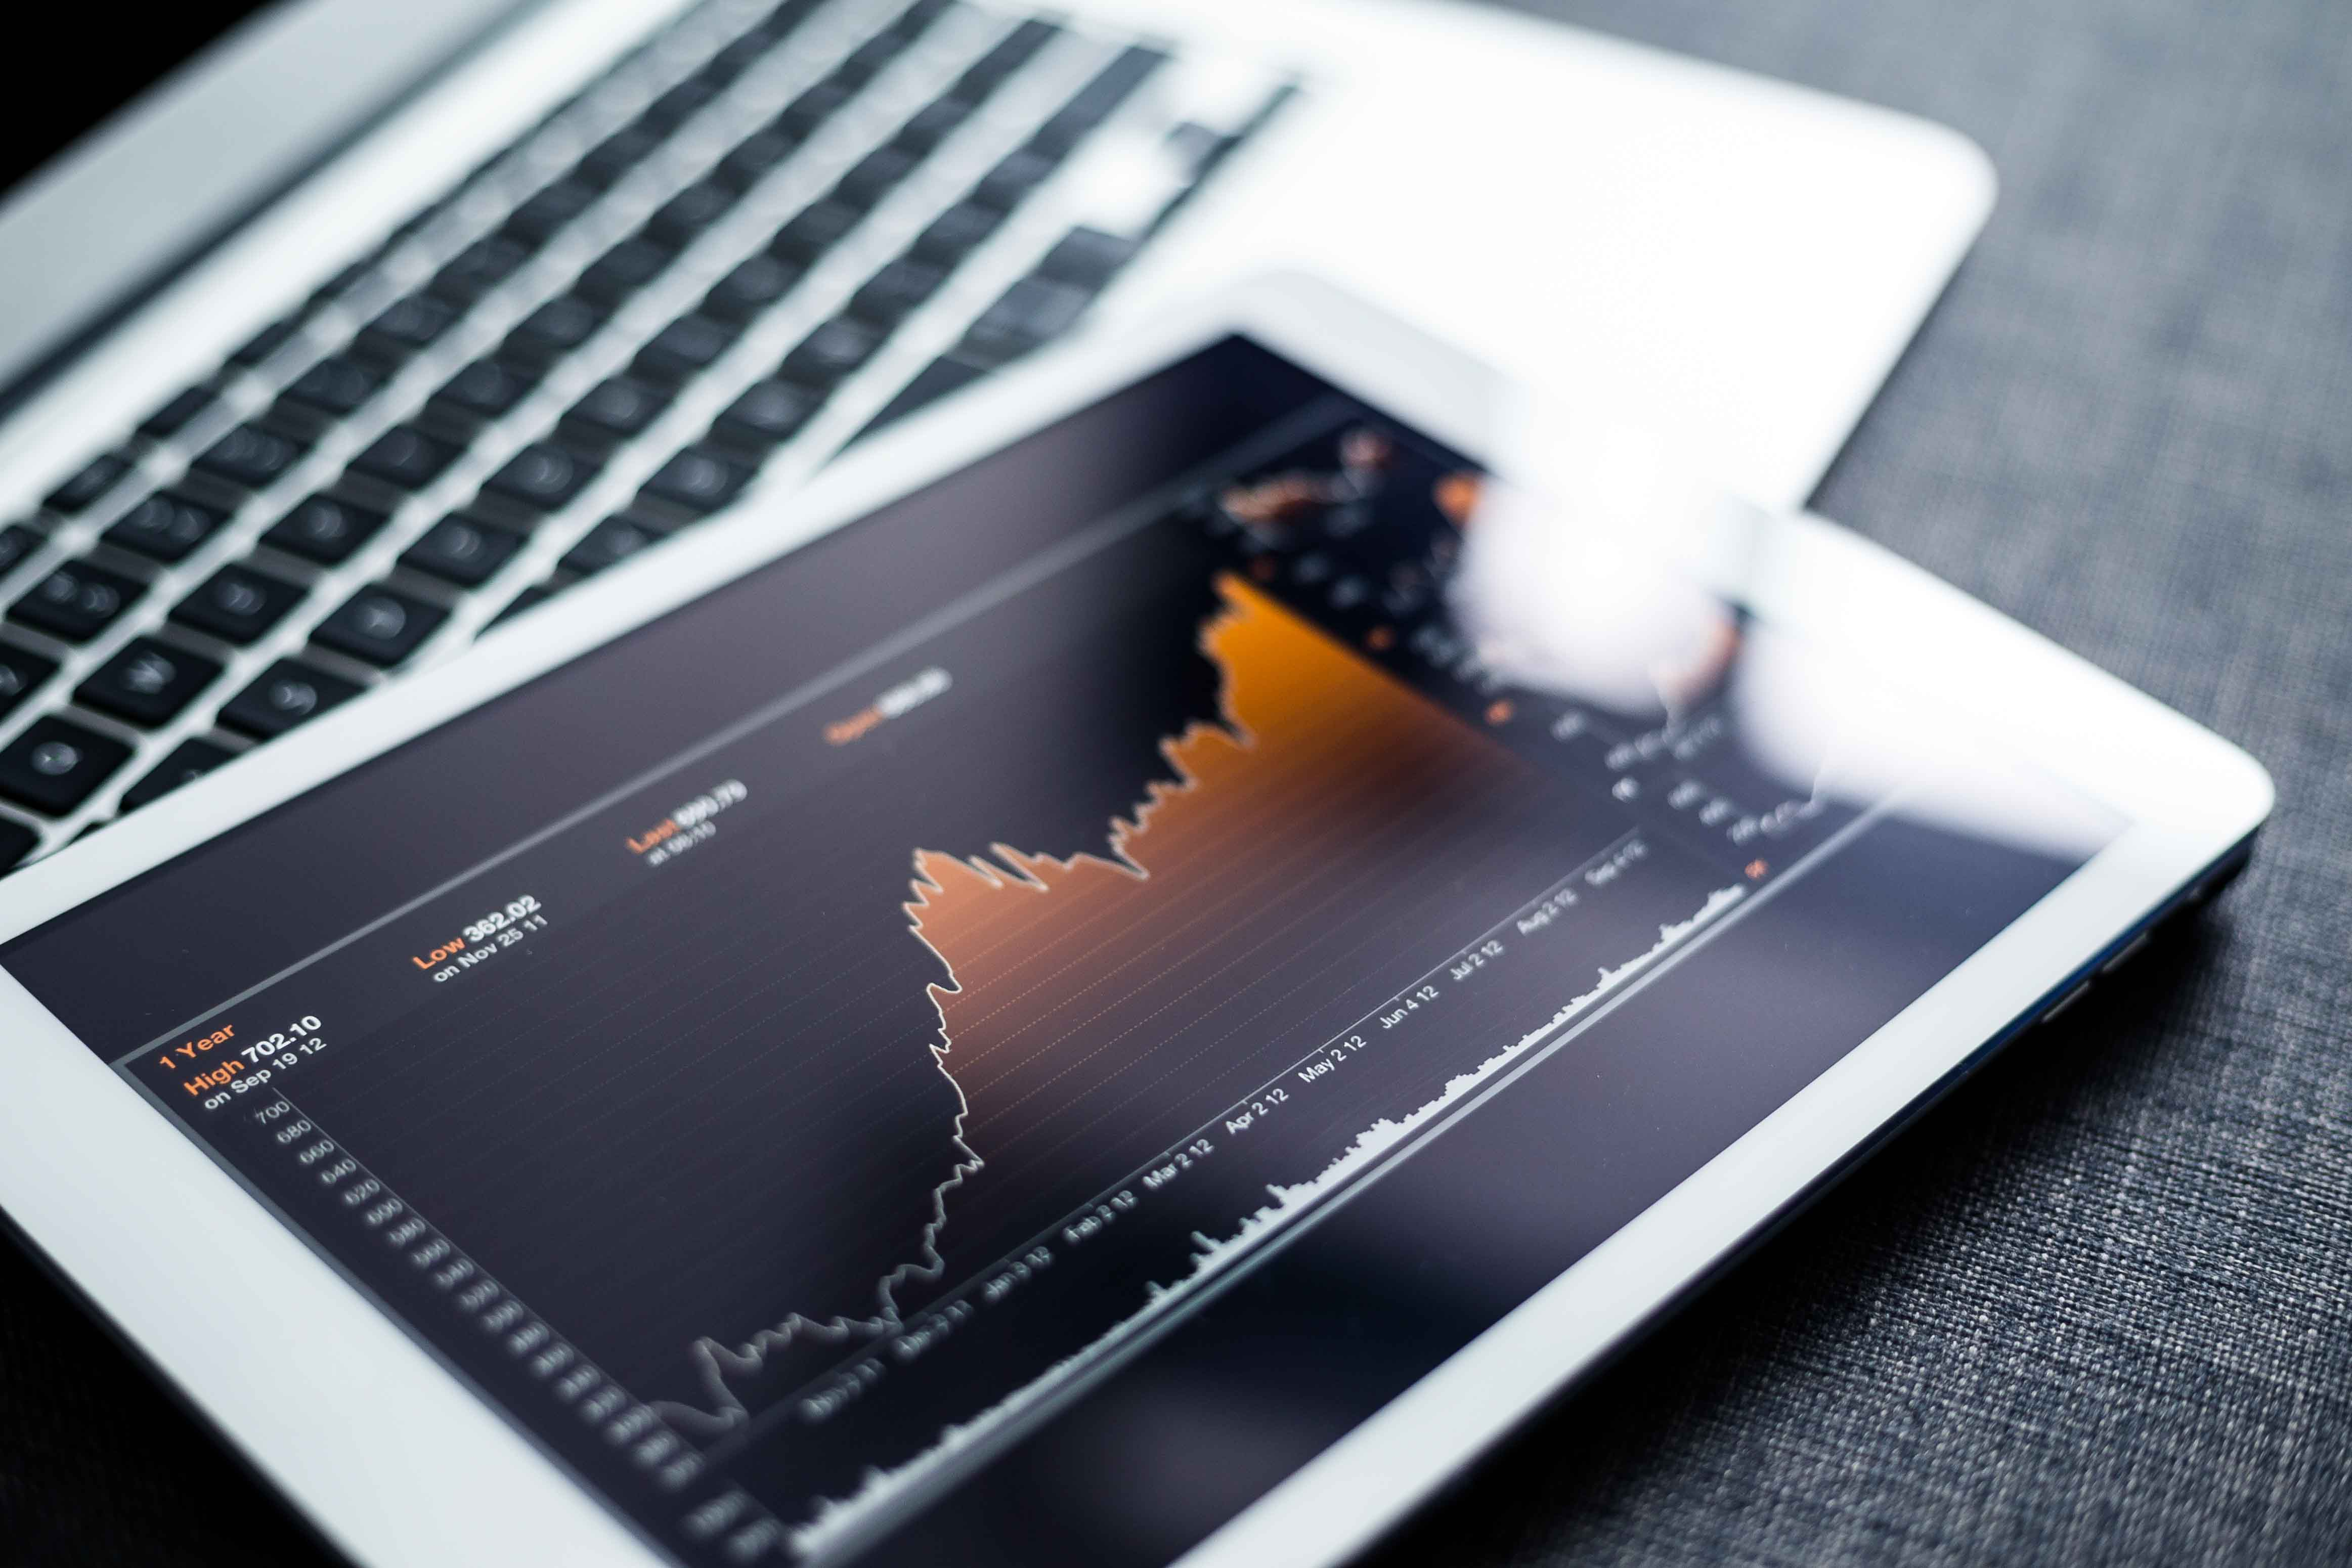 Tablet con gráficas financieras y legales